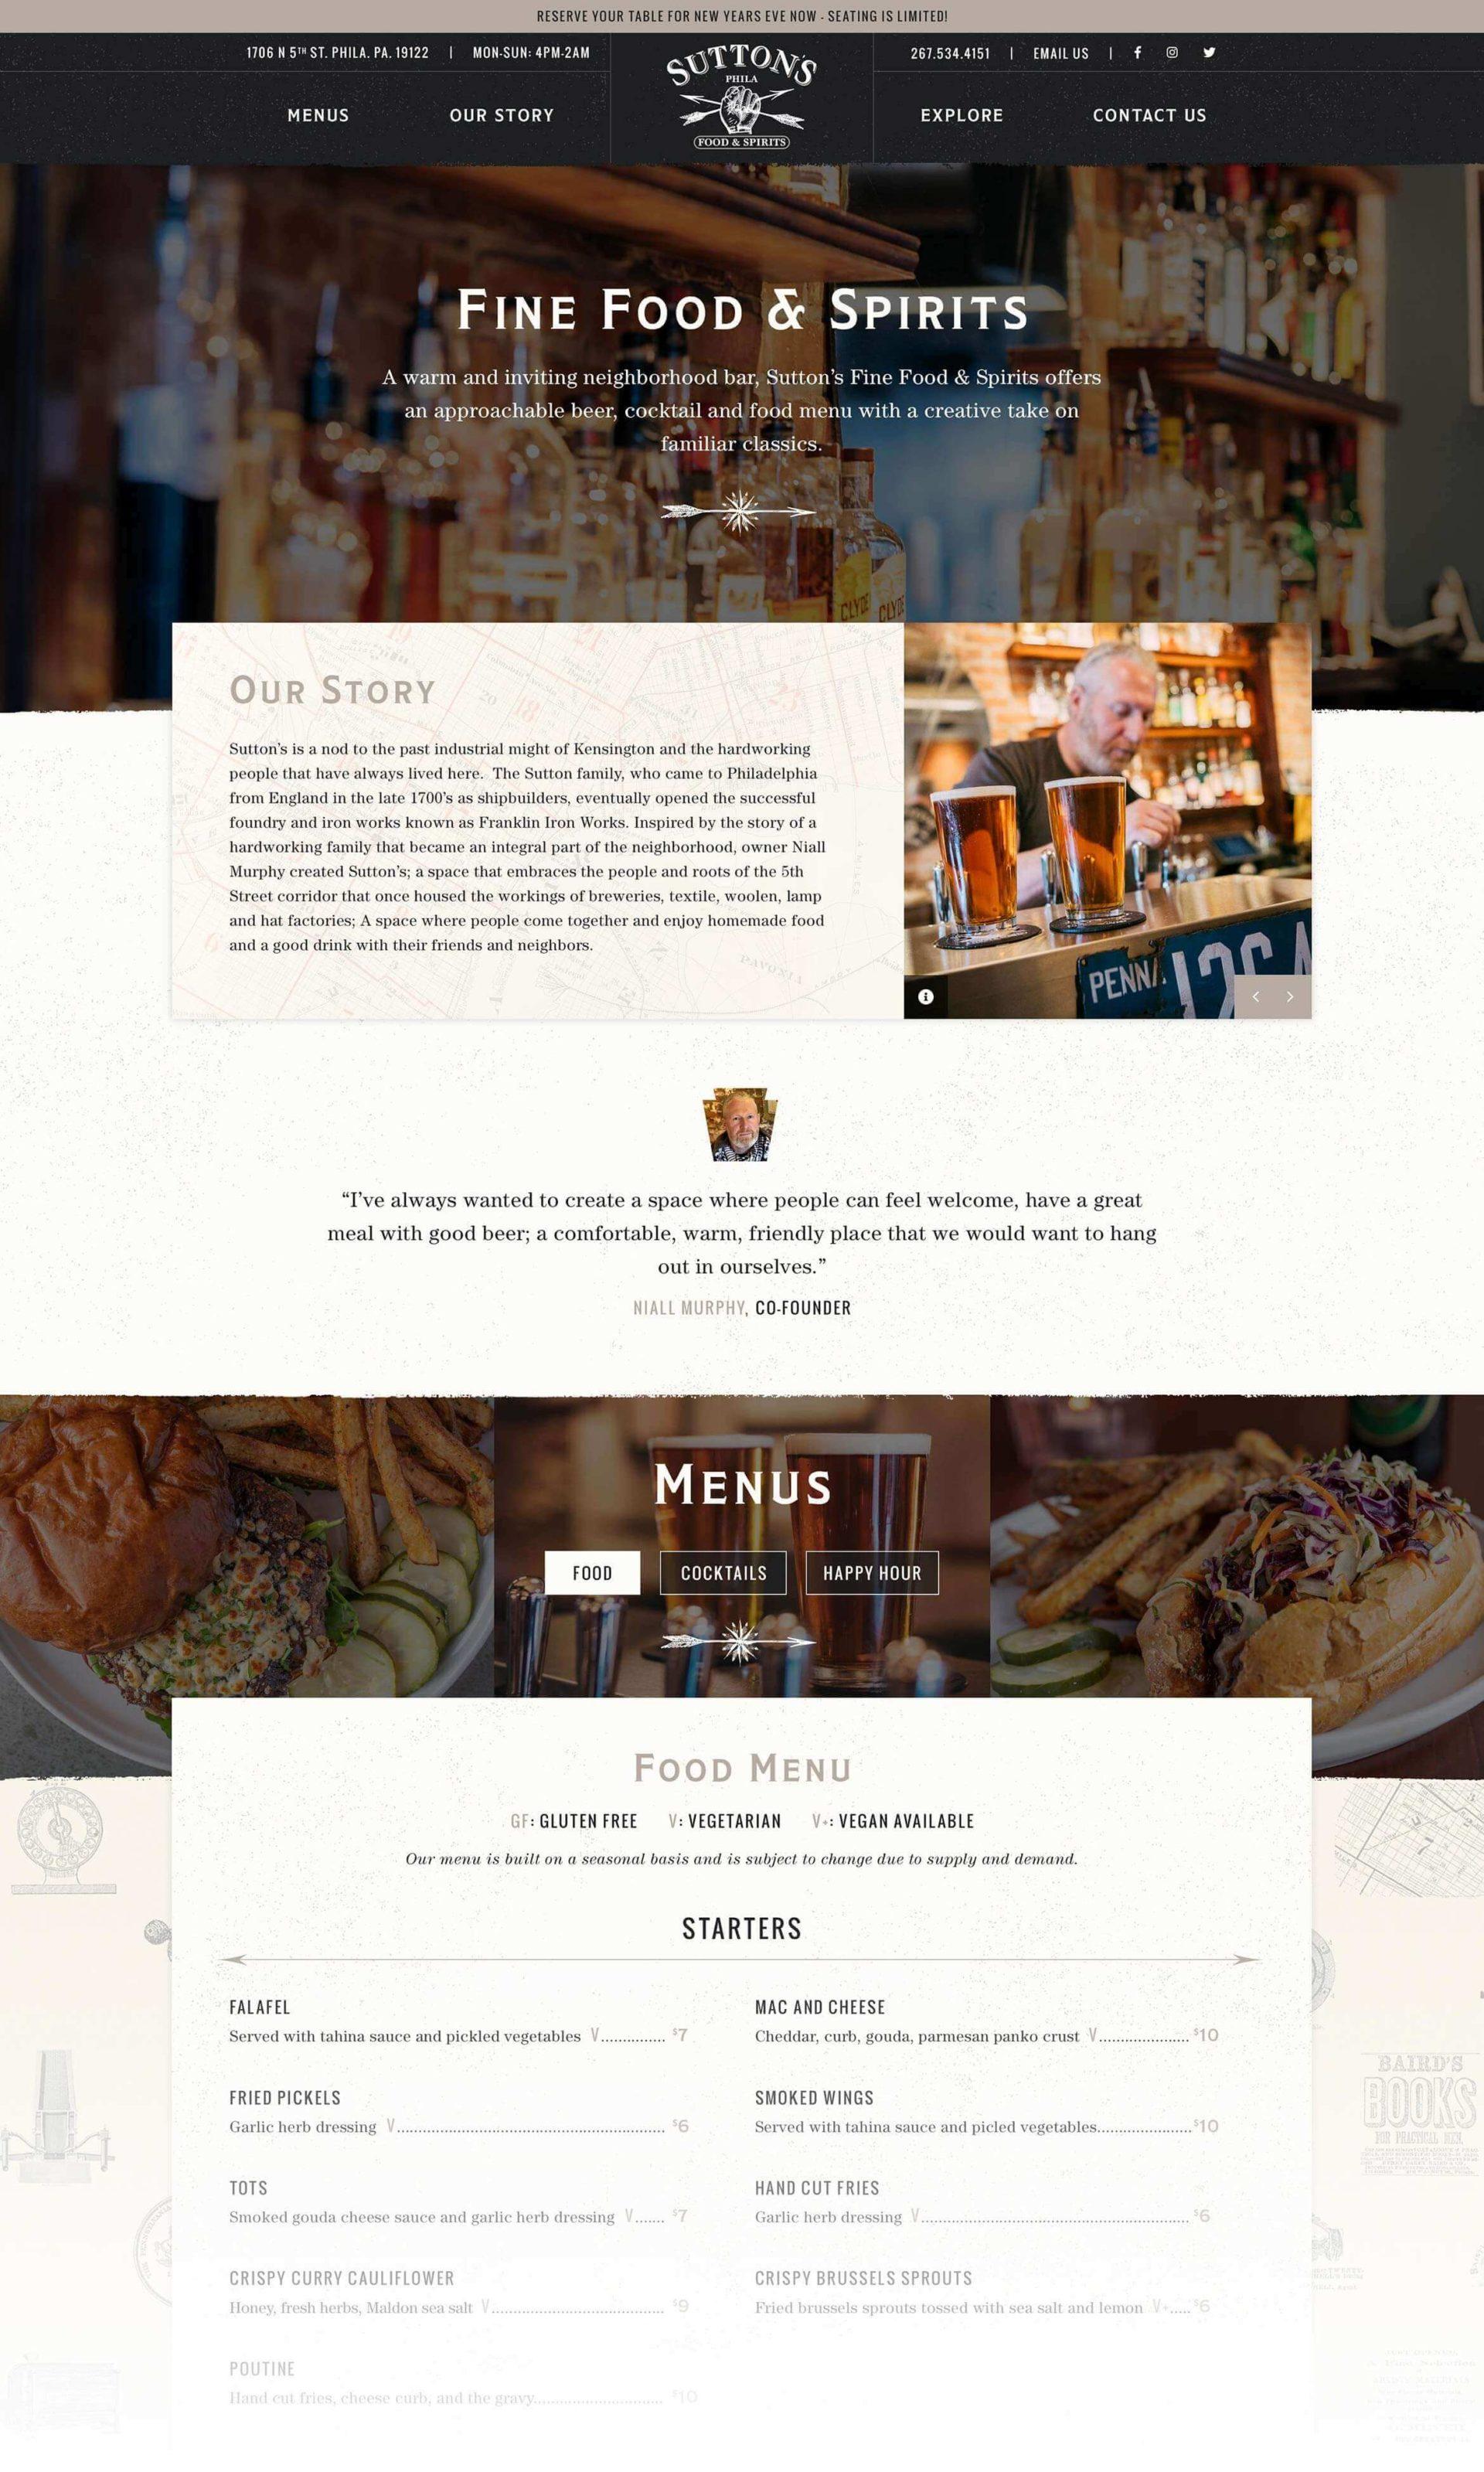 Sutton S Bar Restaurant Pixel Parlor